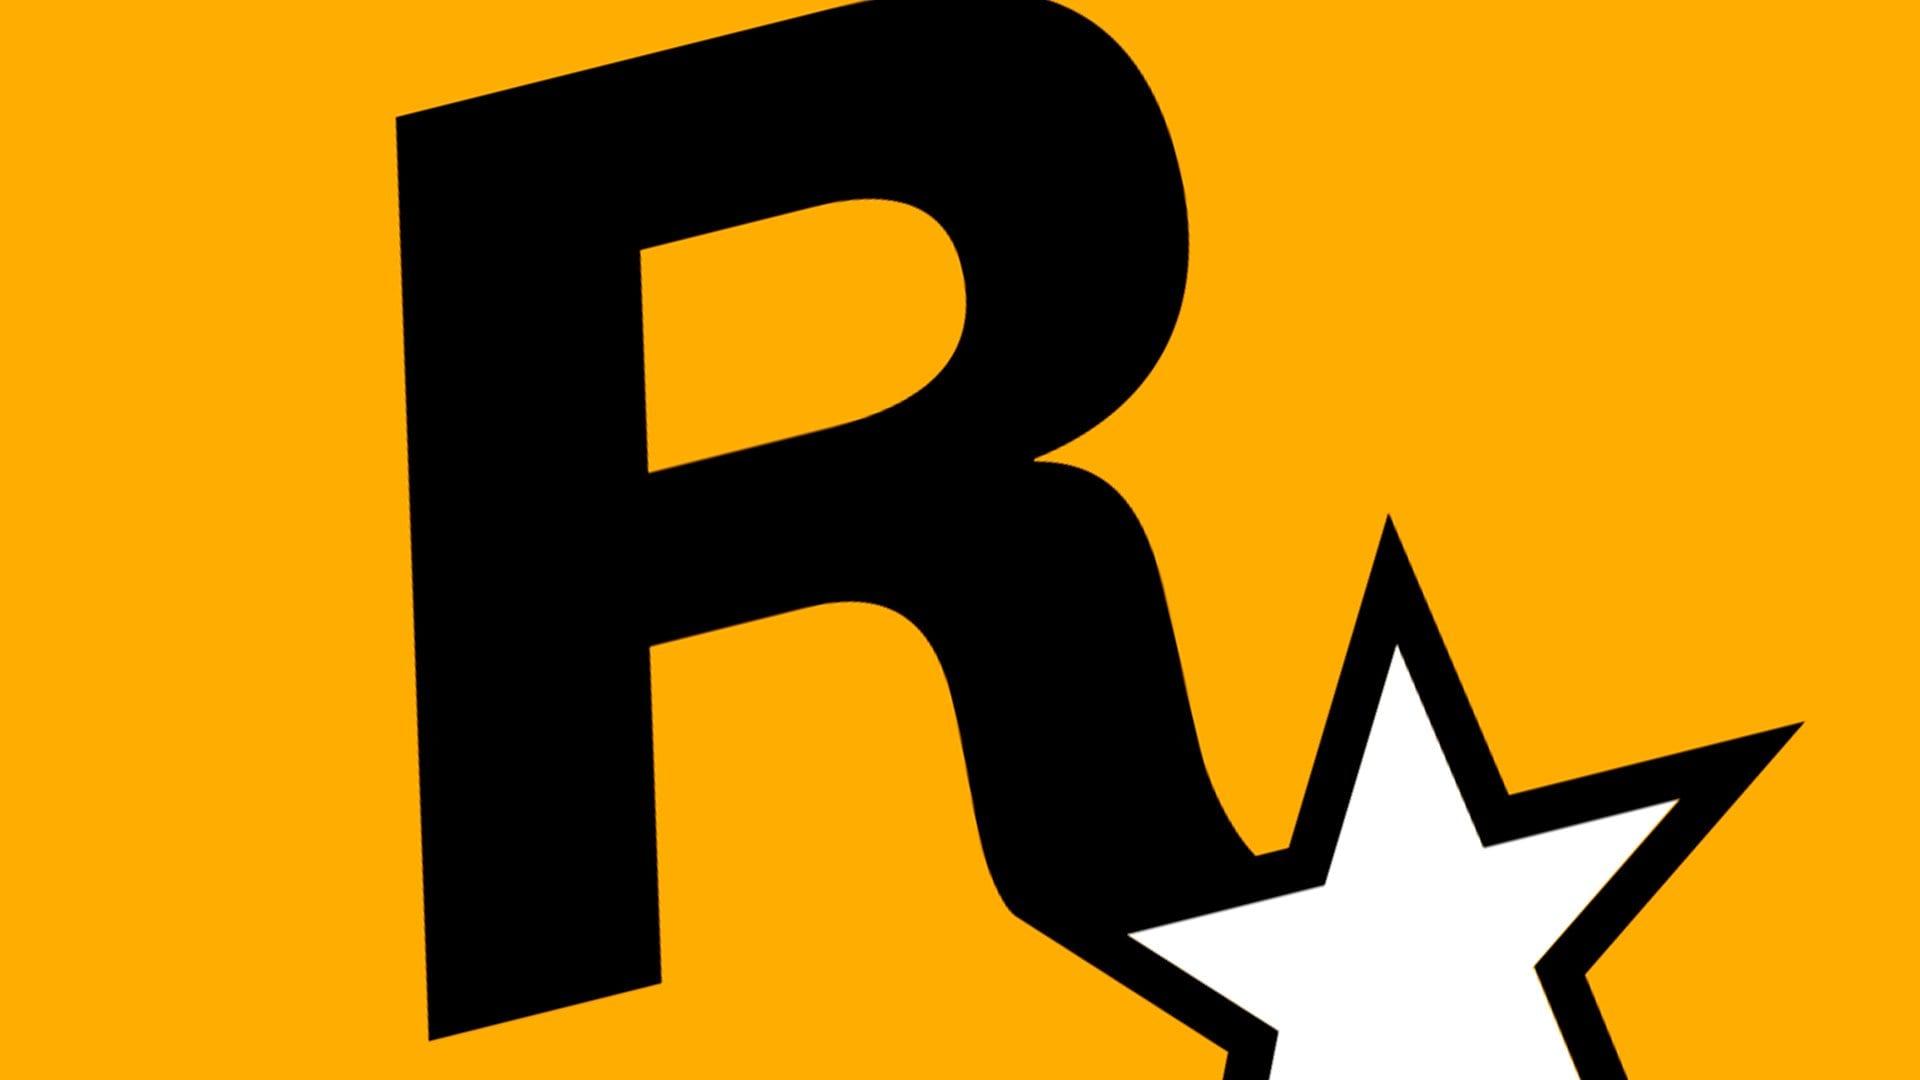 Muitos fãs de videogames desejam trabalhar nas suas produtoras favoritas e agora a Rockstar Games está dando essa oportunidade.